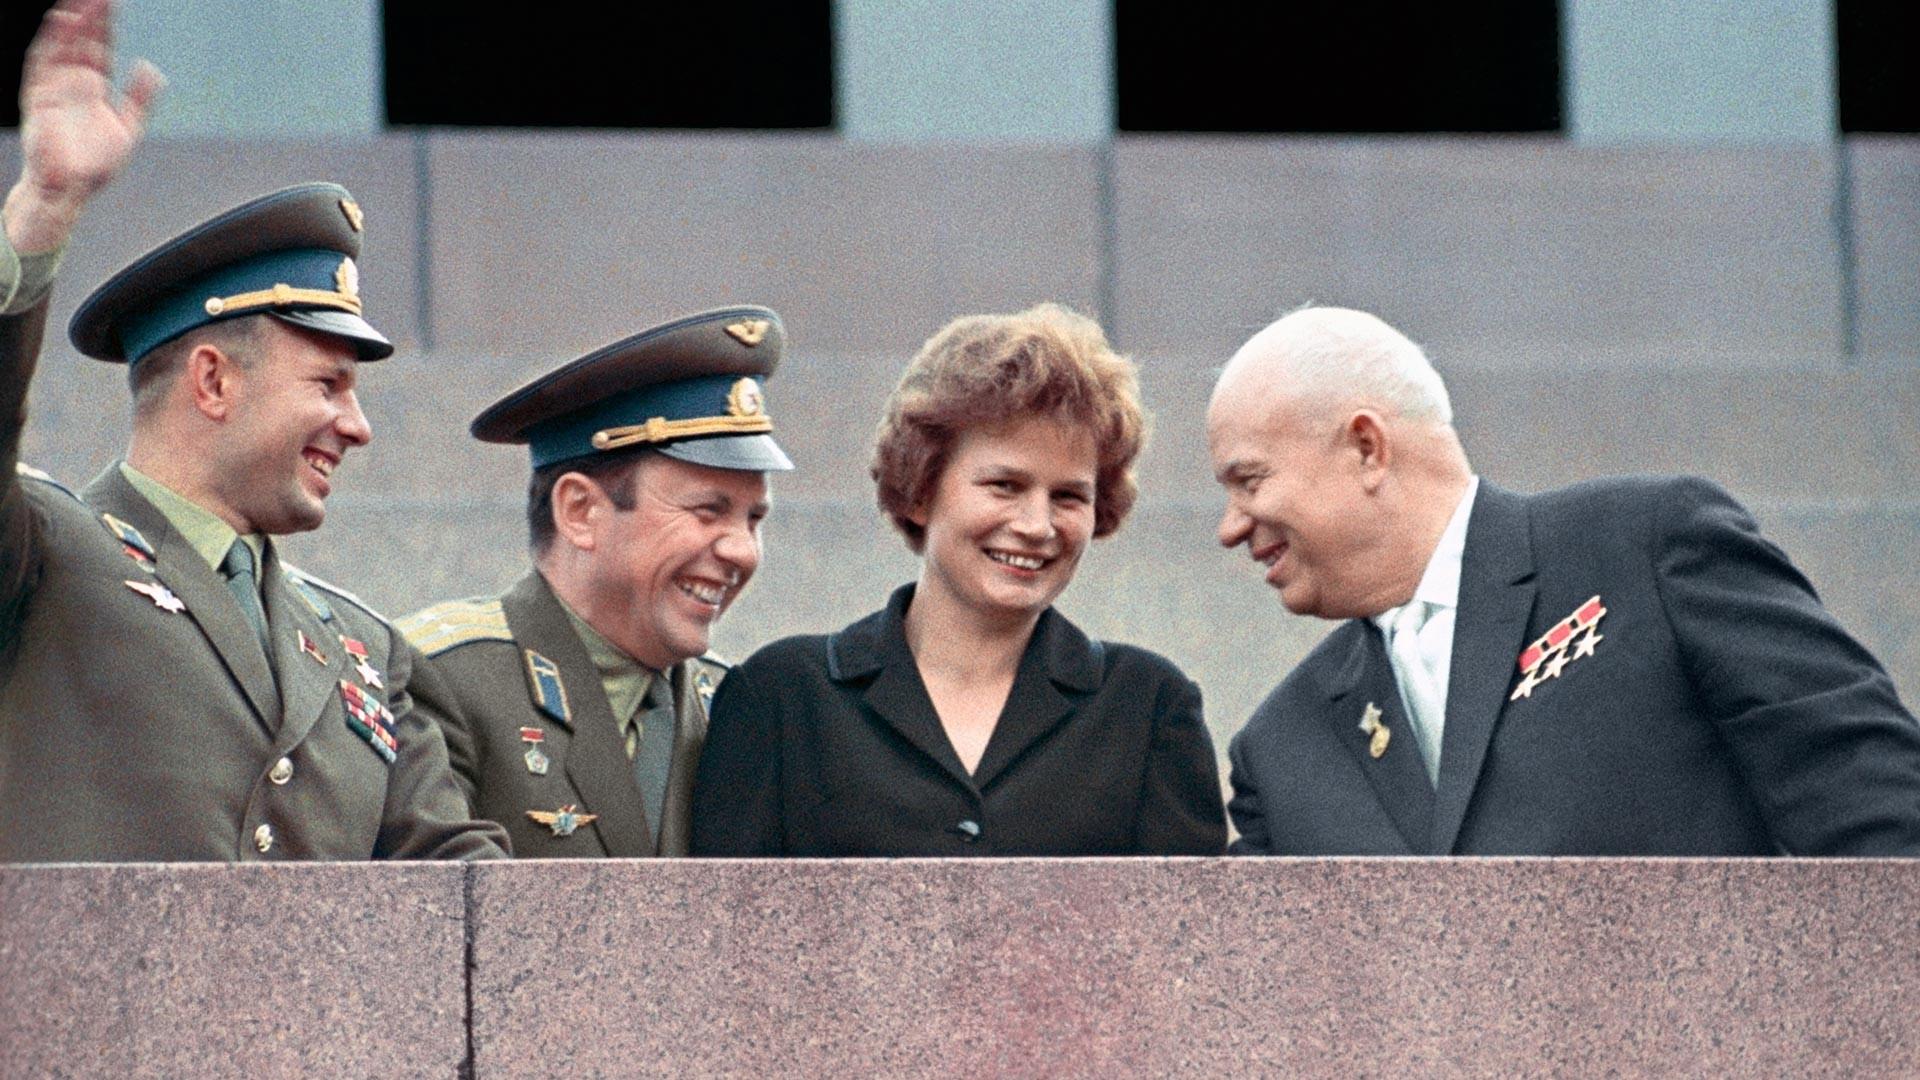 Первый секретарь ЦК КПСС Никита Хрущев и космонавты Валентина Терешкова, Павел Попович и Юрий Гагарин (справа налево) на трибуне мавзолея В.И. Ленина.